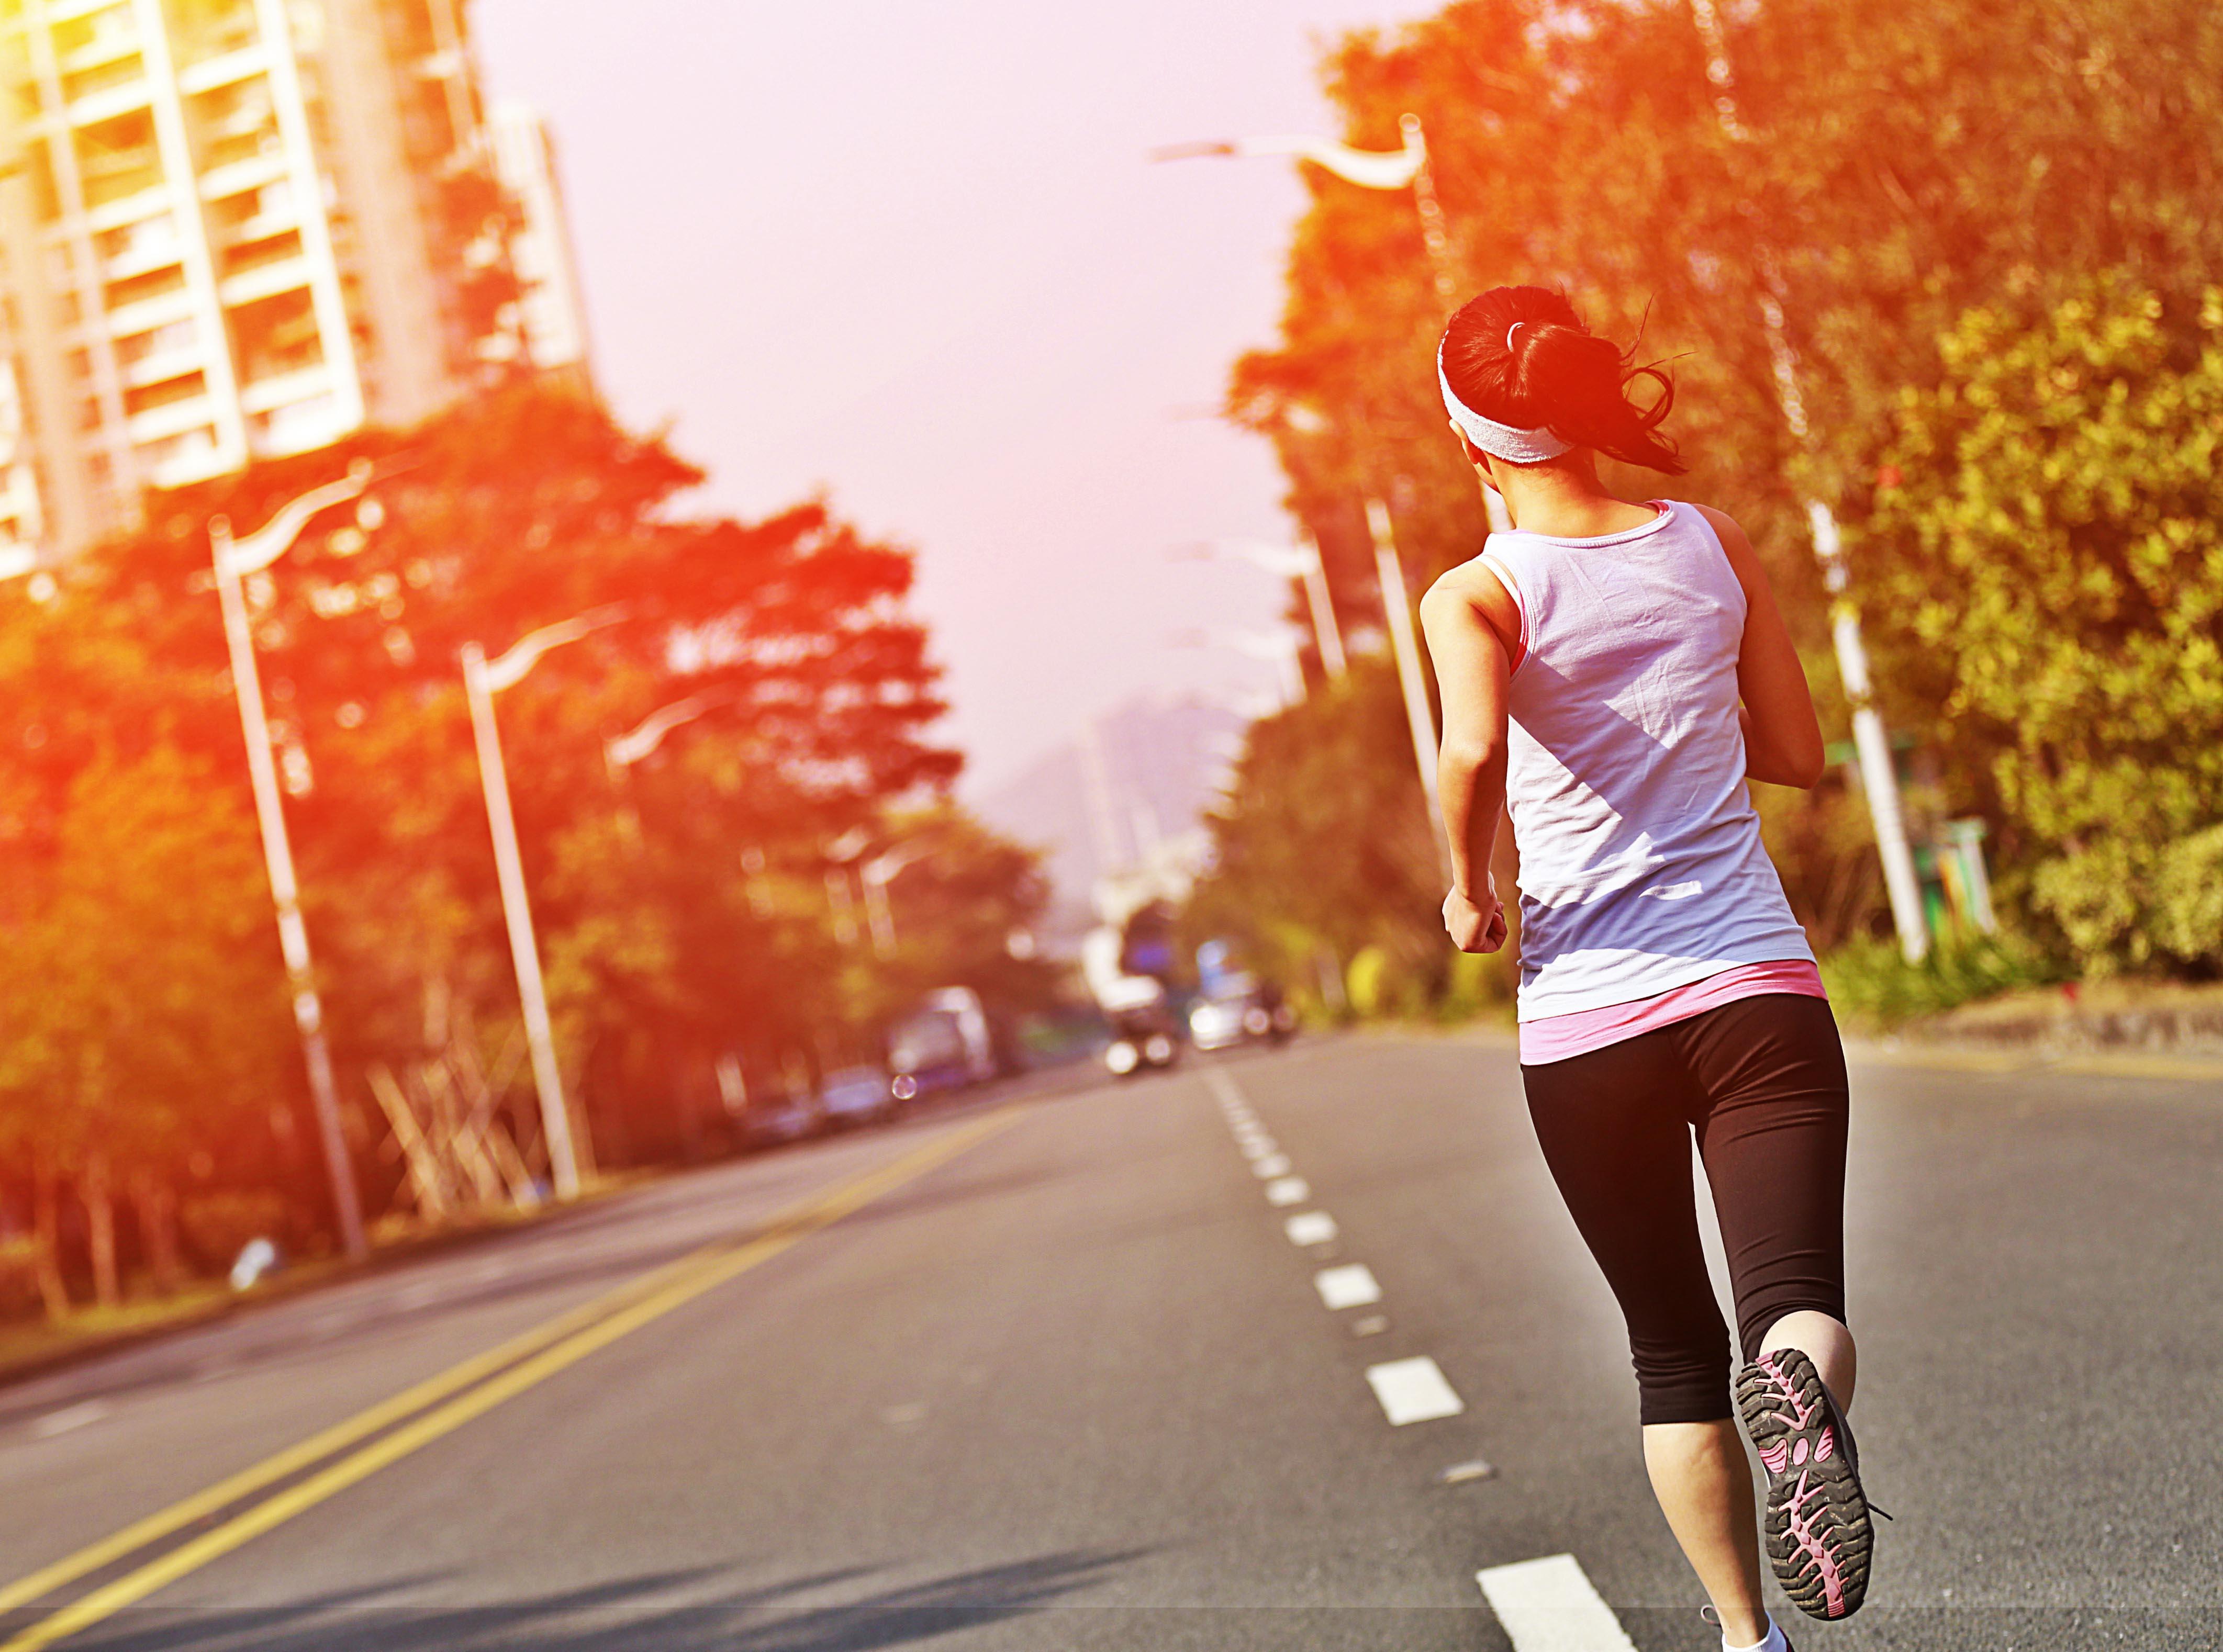 Mujer corriendo por una carretera vacía